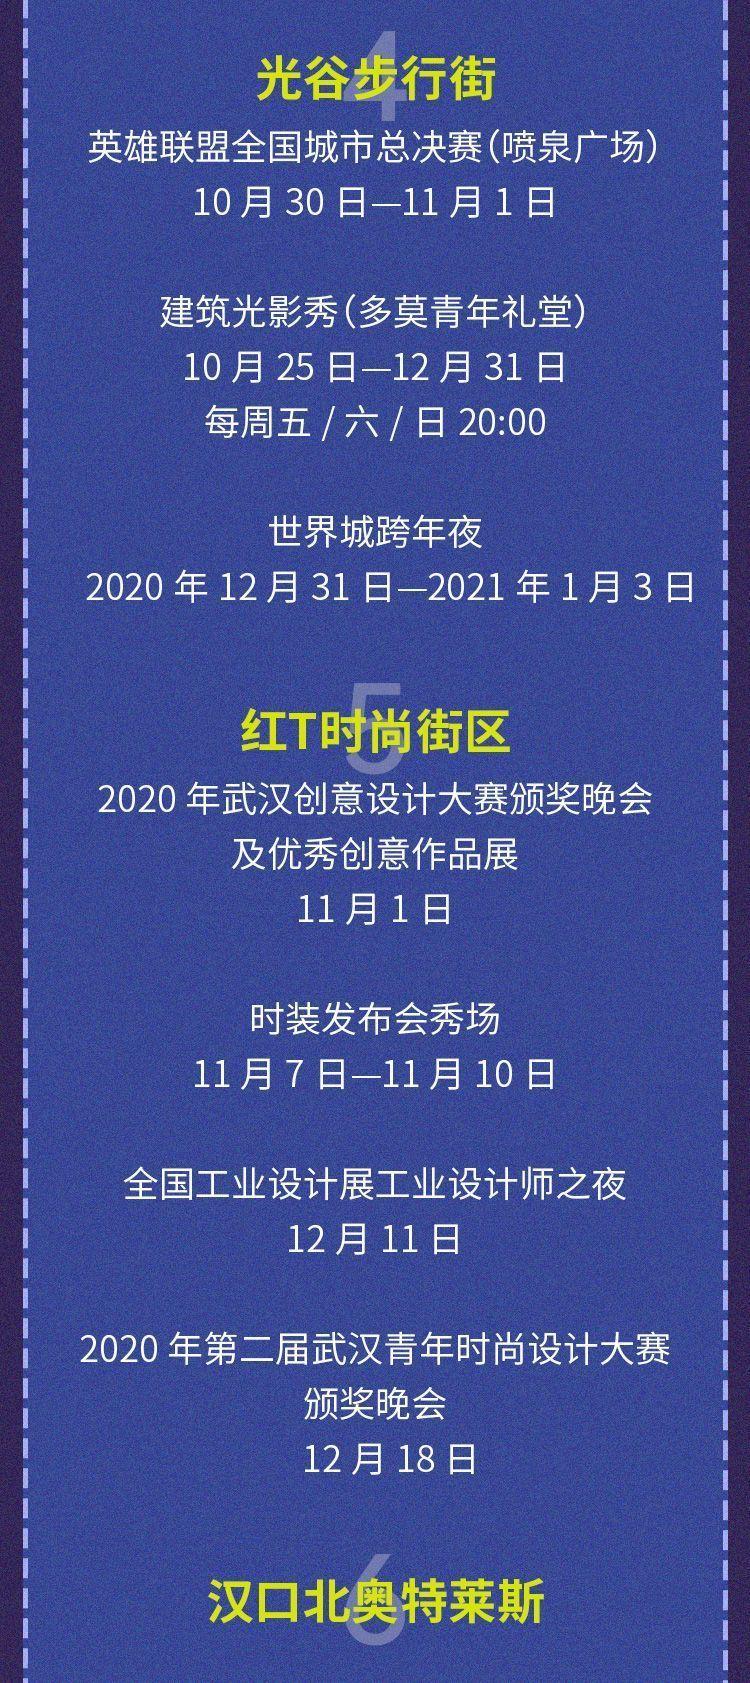 武汉再次发出邀请:300元补贴,人人都能领